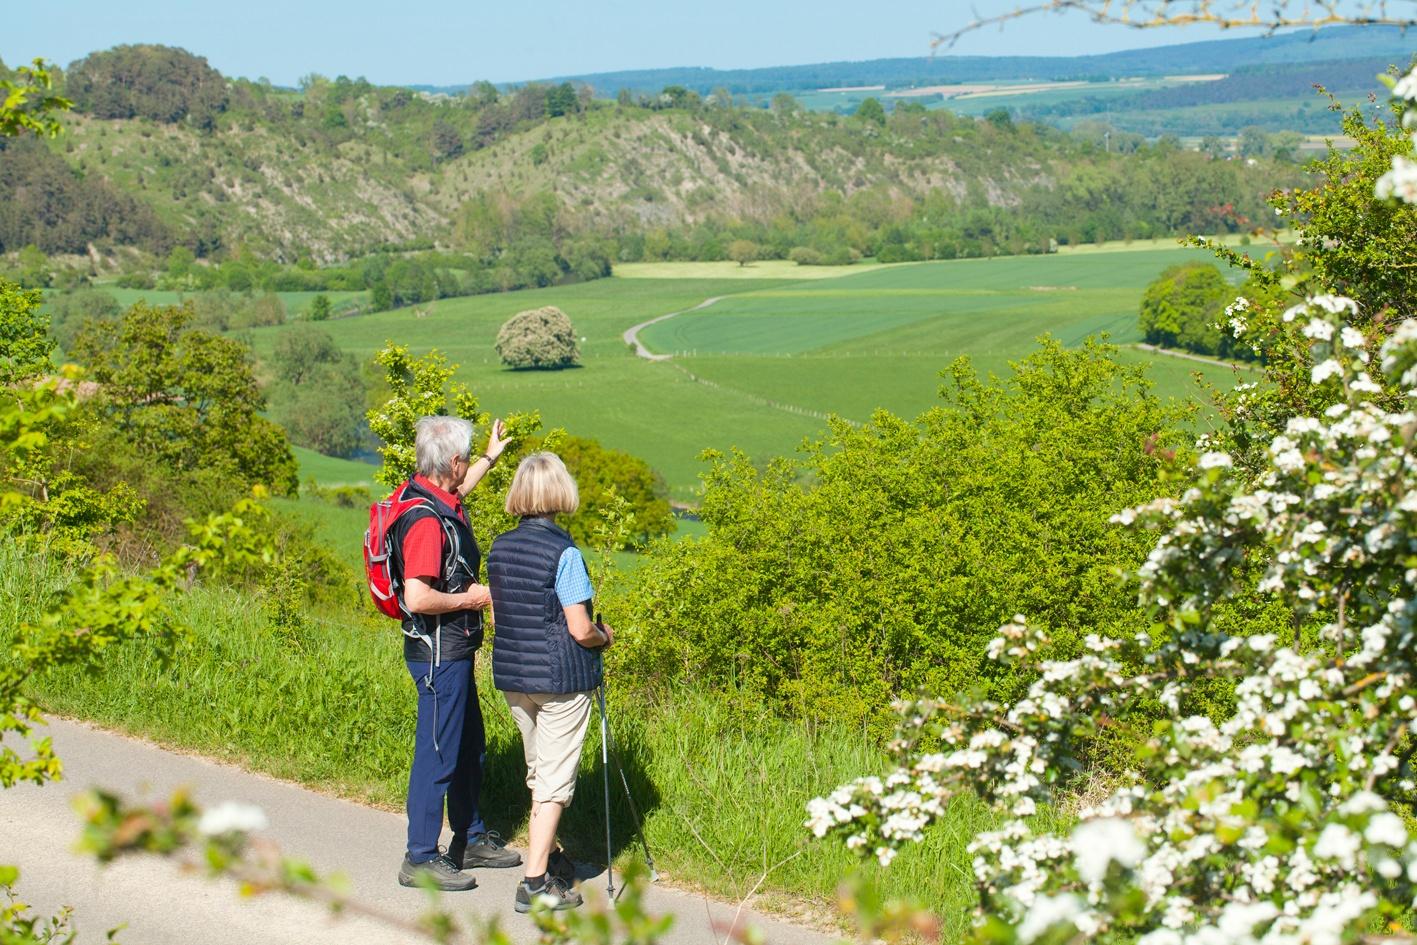 Wanderer bei Lamerden blicken auf Bunten Berg Eberschütz